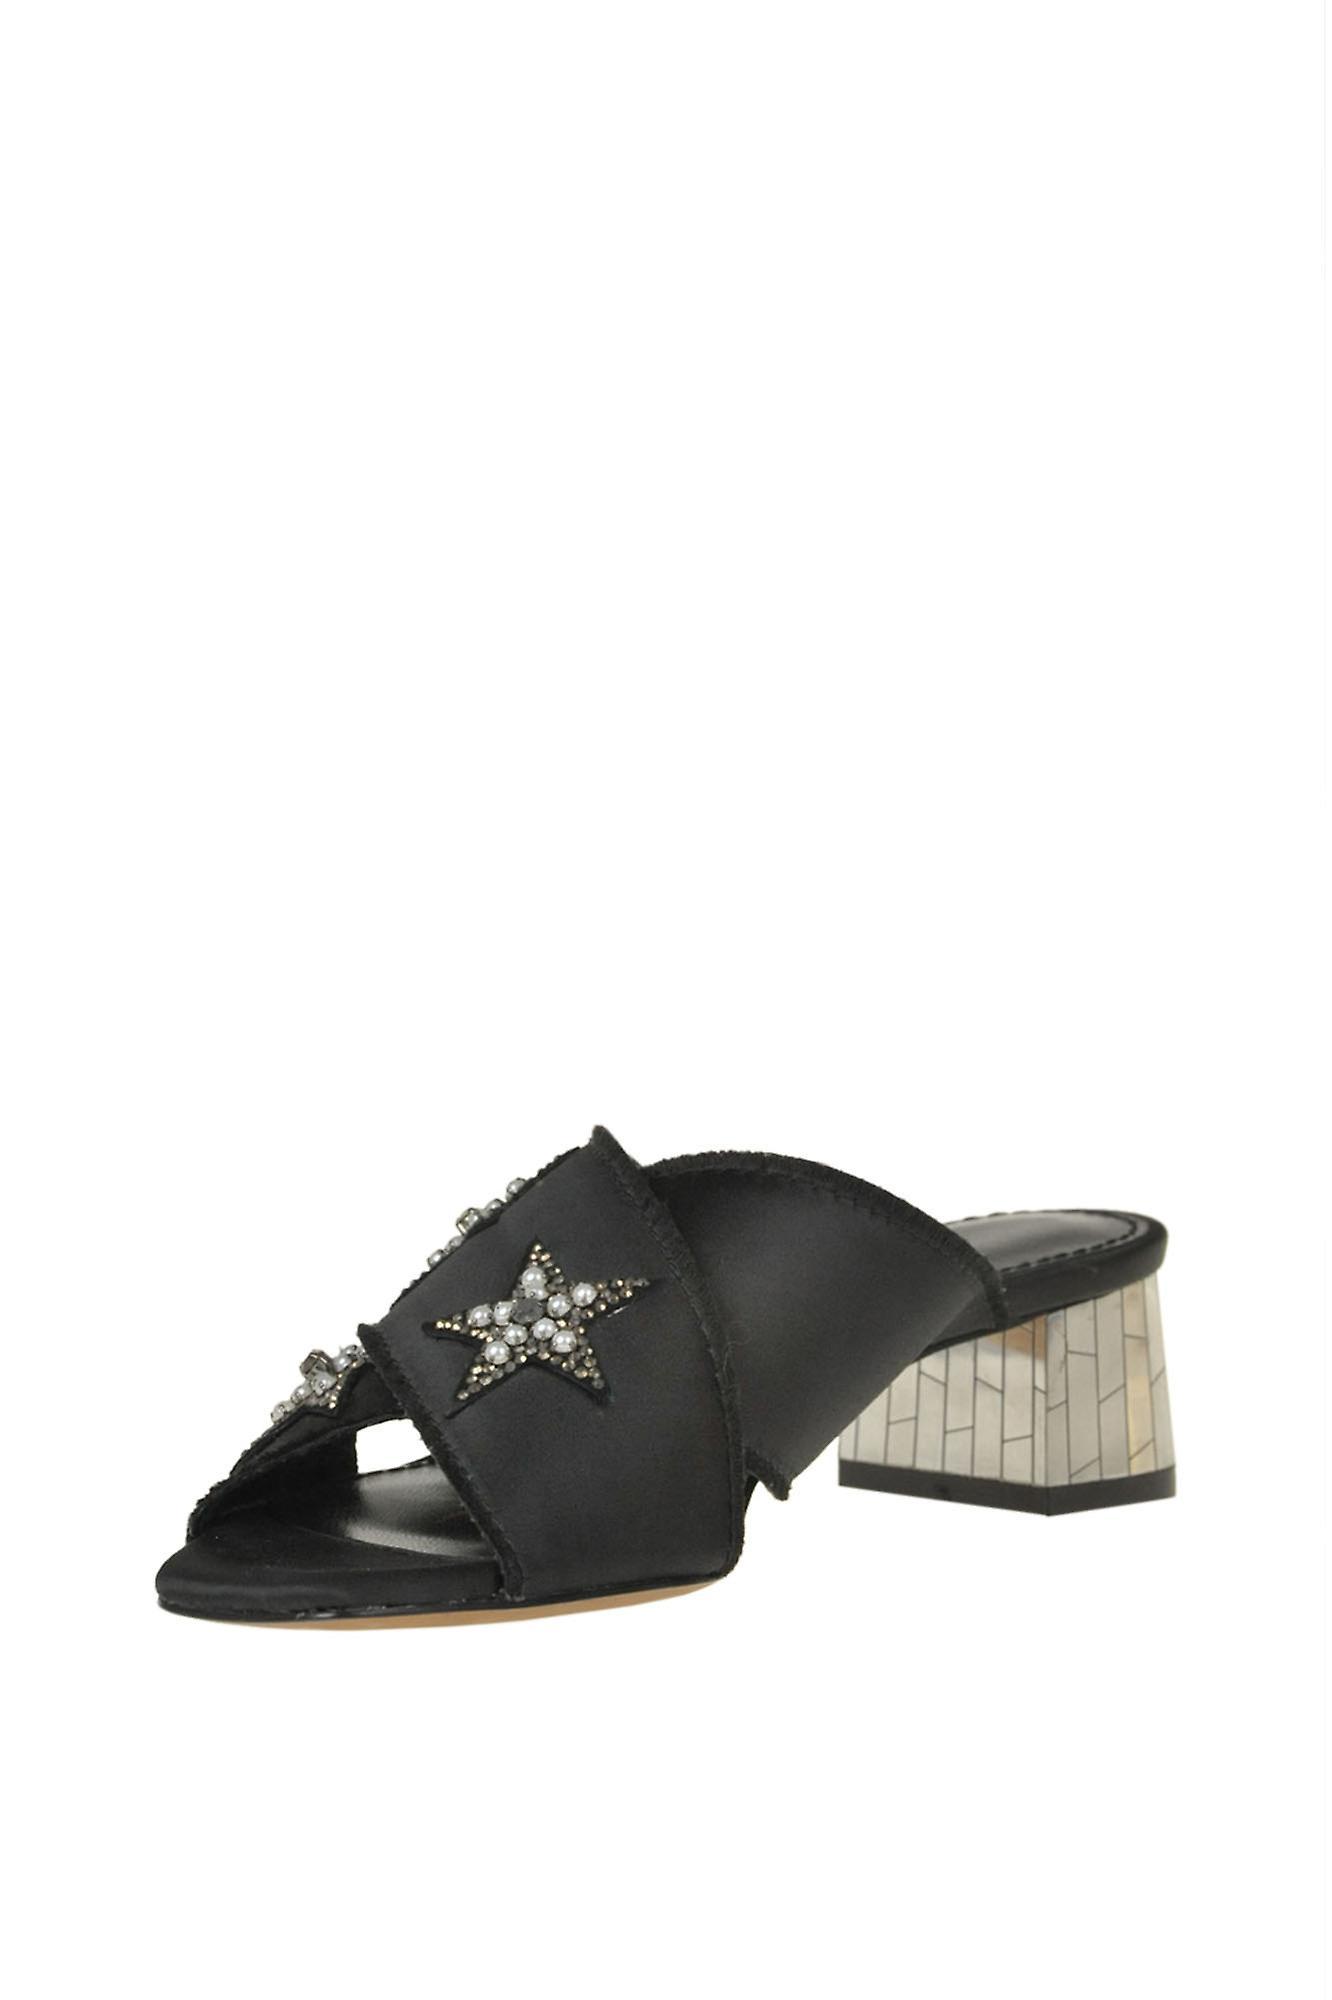 Lola Cruz Ezgl191010 Women's Black Satin Sandals